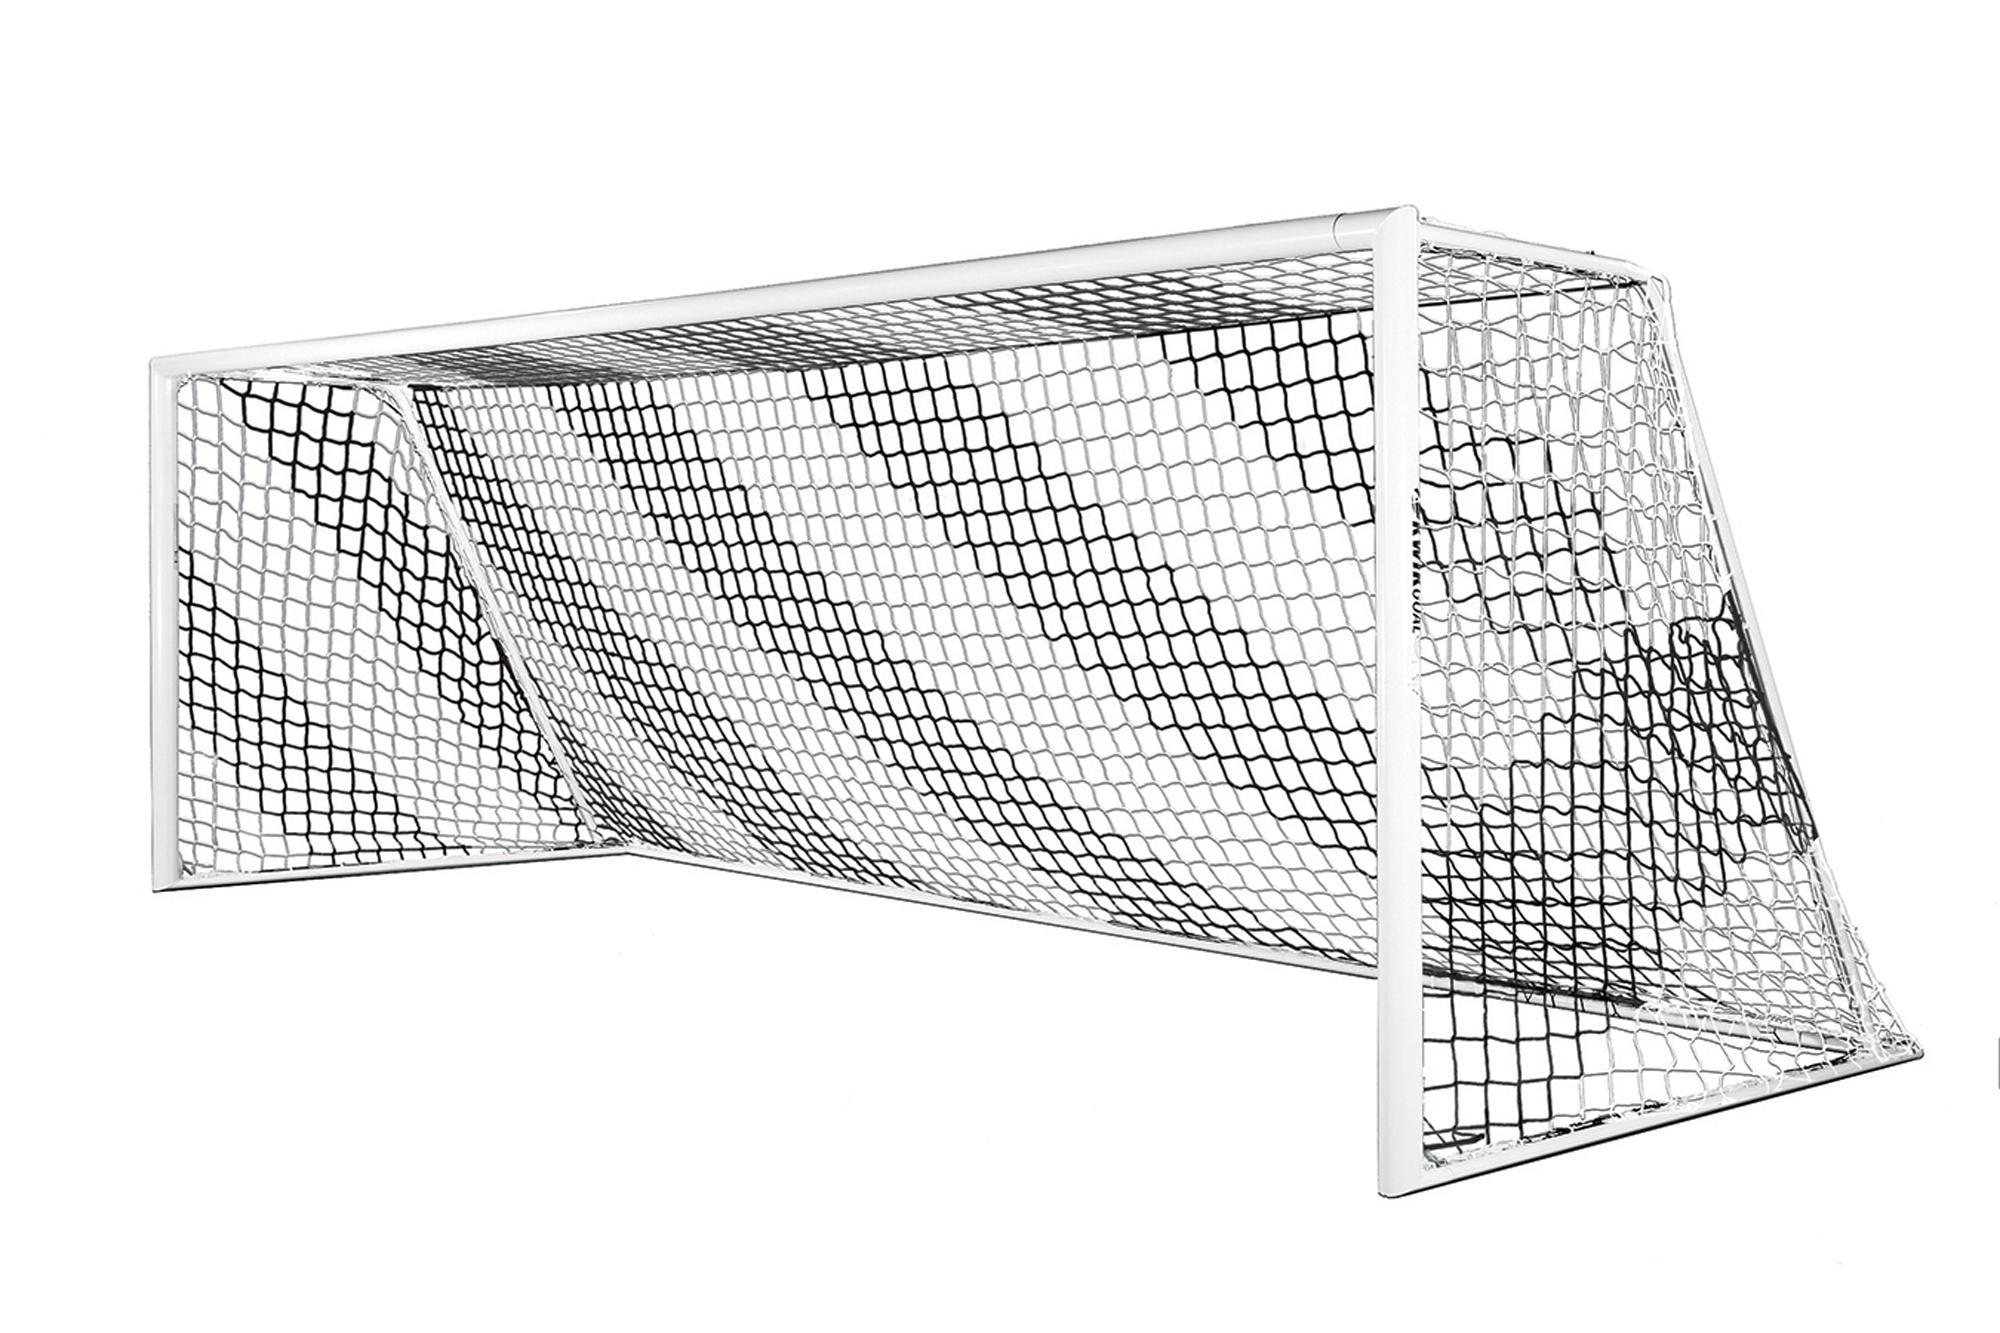 サッカー ネット KWIK GOAL SOCCER REPLACEMENT NET 3MM ROPE 120MM MESH スポーツ フットサル アウトドア 送料無料